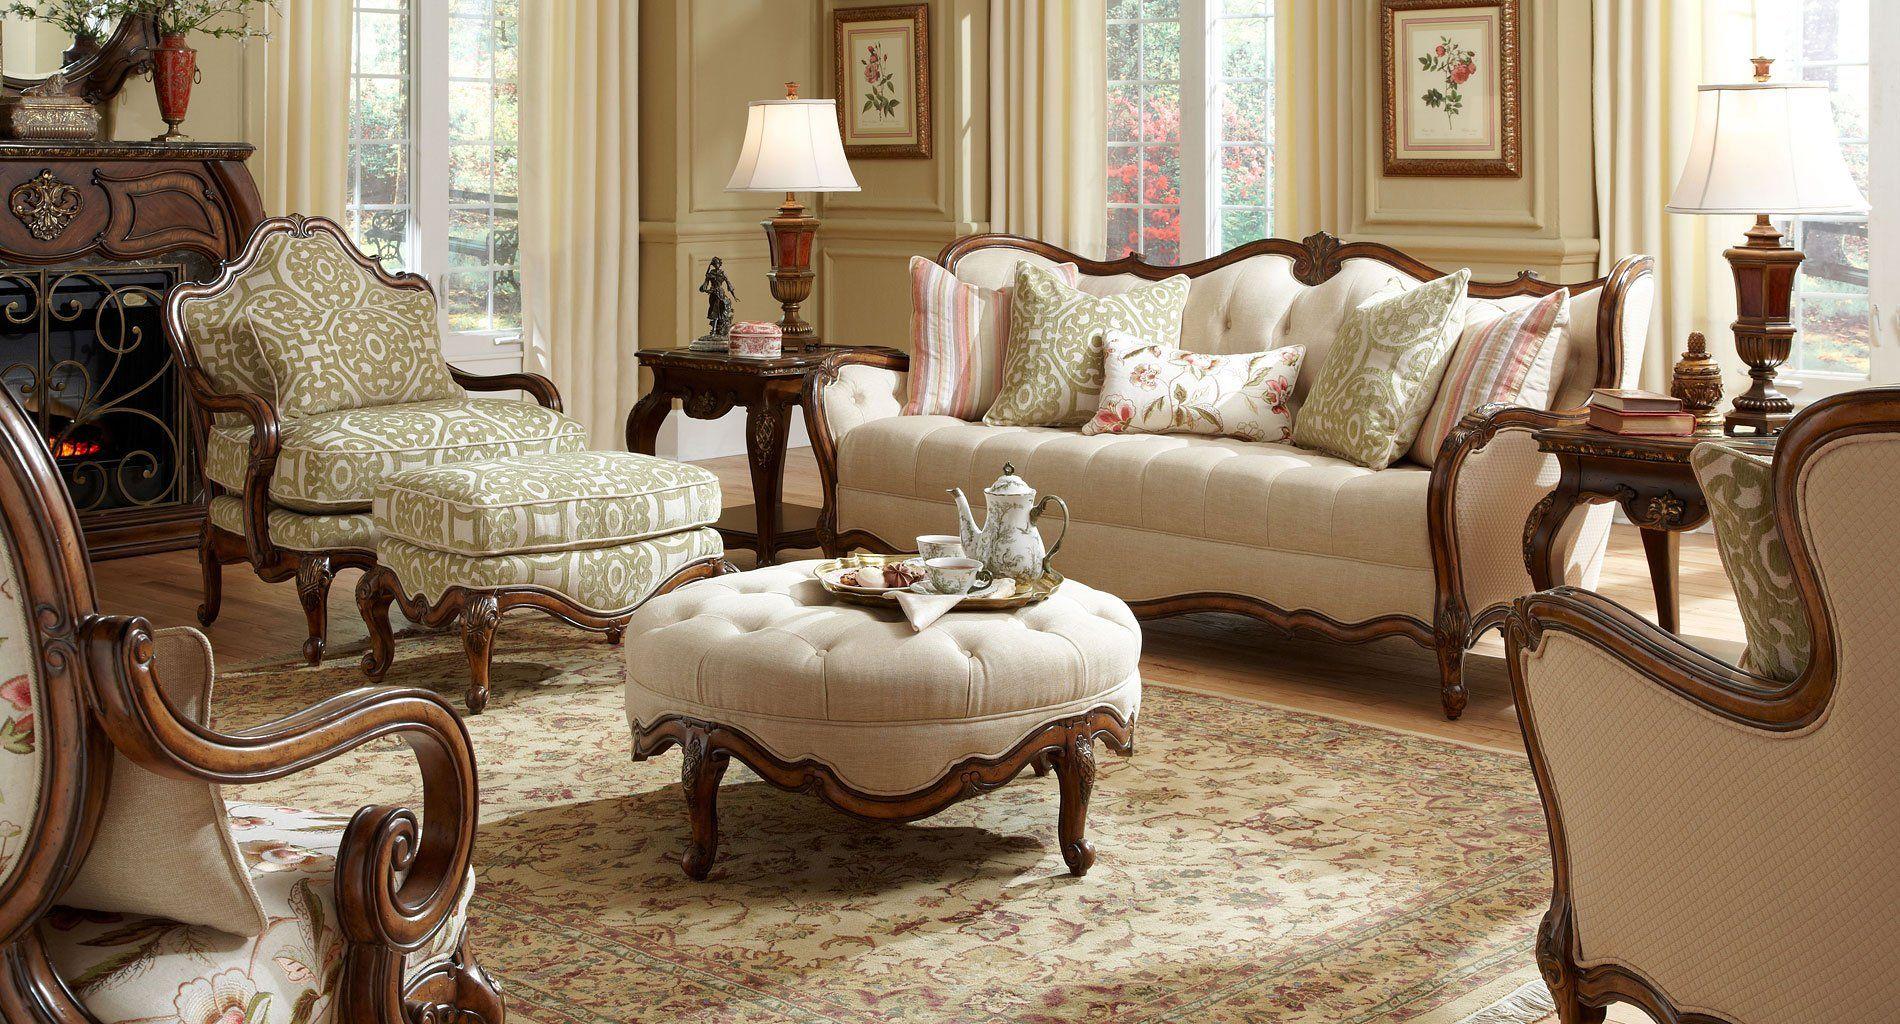 Lavelle Melange Living Room Set Victorian Living Room Vintage Living Room Design Vintage Living Room